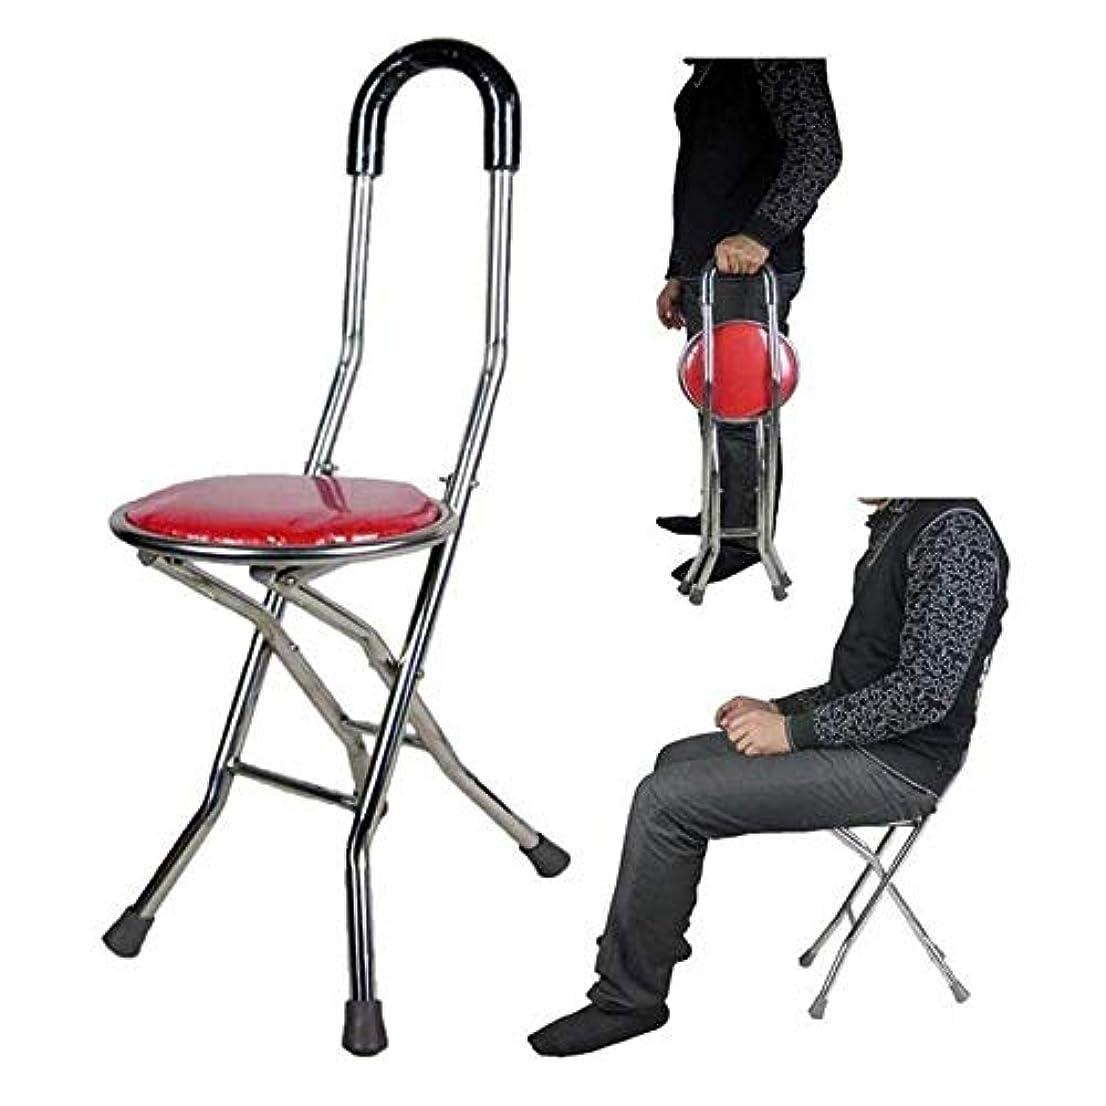 排出オーク騒ぎシート付きウォーキングスティック、屋外老人杖スツールチェア4フィート折りたたみ多機能シートシート付きポータブル松葉杖